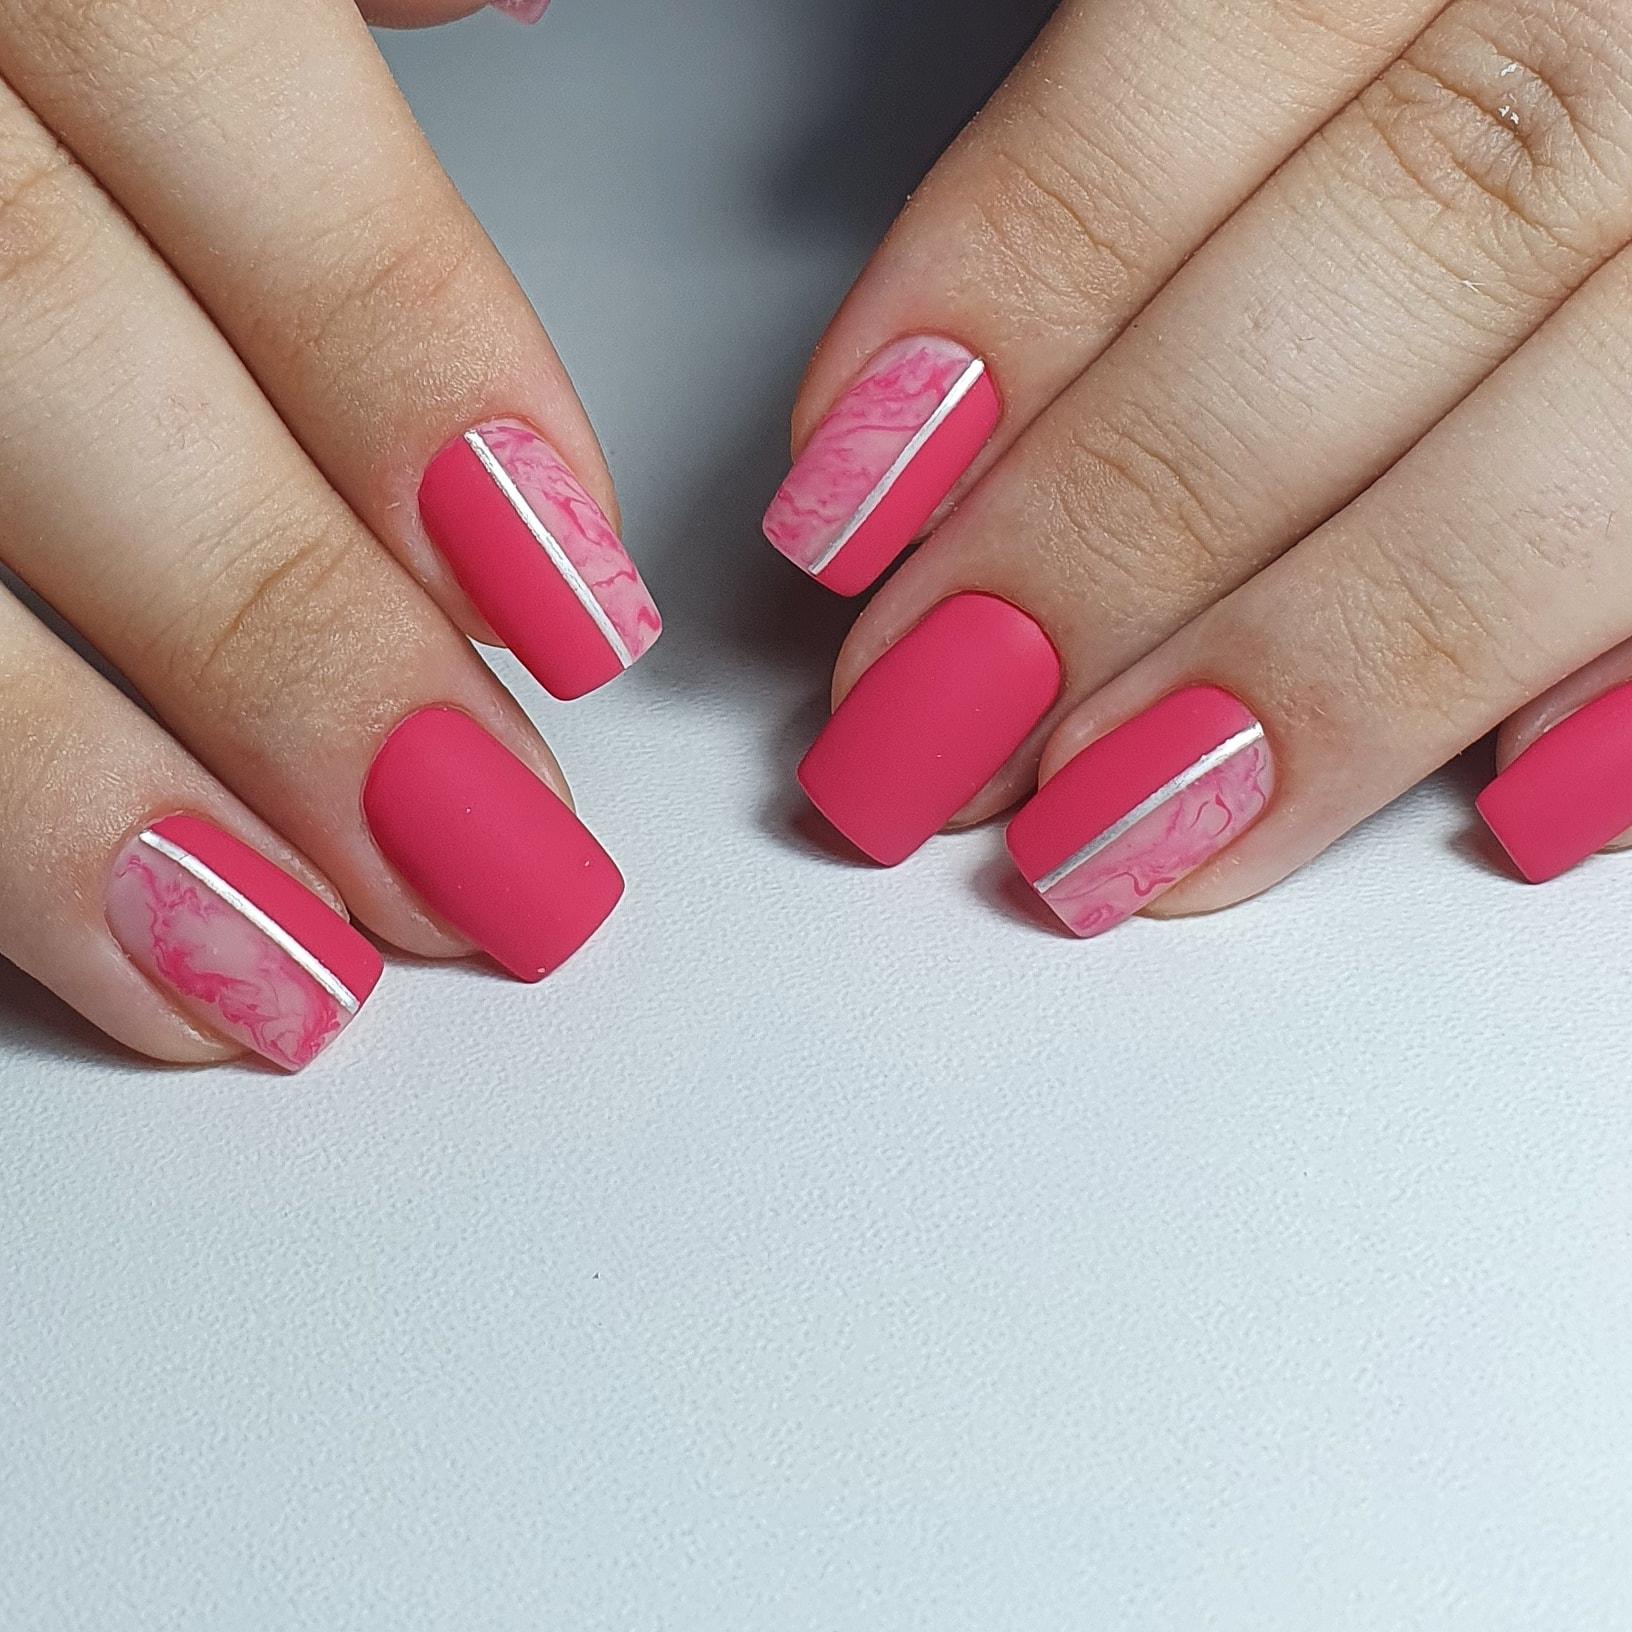 Матовый маникюр с мраморным дизайном и серебряными полосками в розовом цвете на короткие ногти.